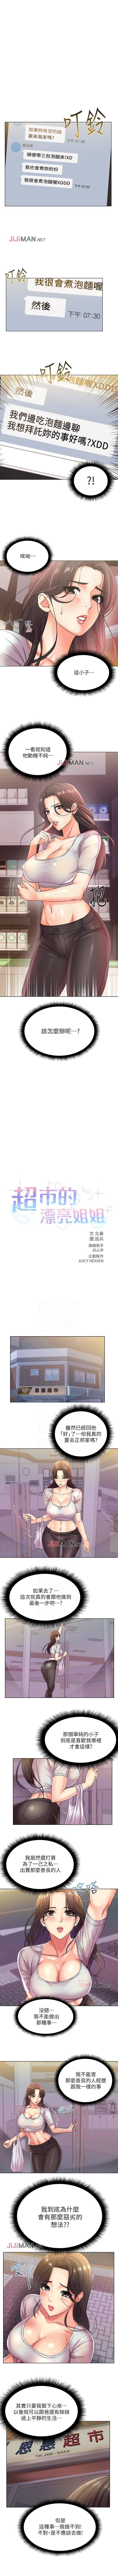 【周三连载】超市的漂亮姐姐(作者:北鼻&逃兵) 第1~40话 129